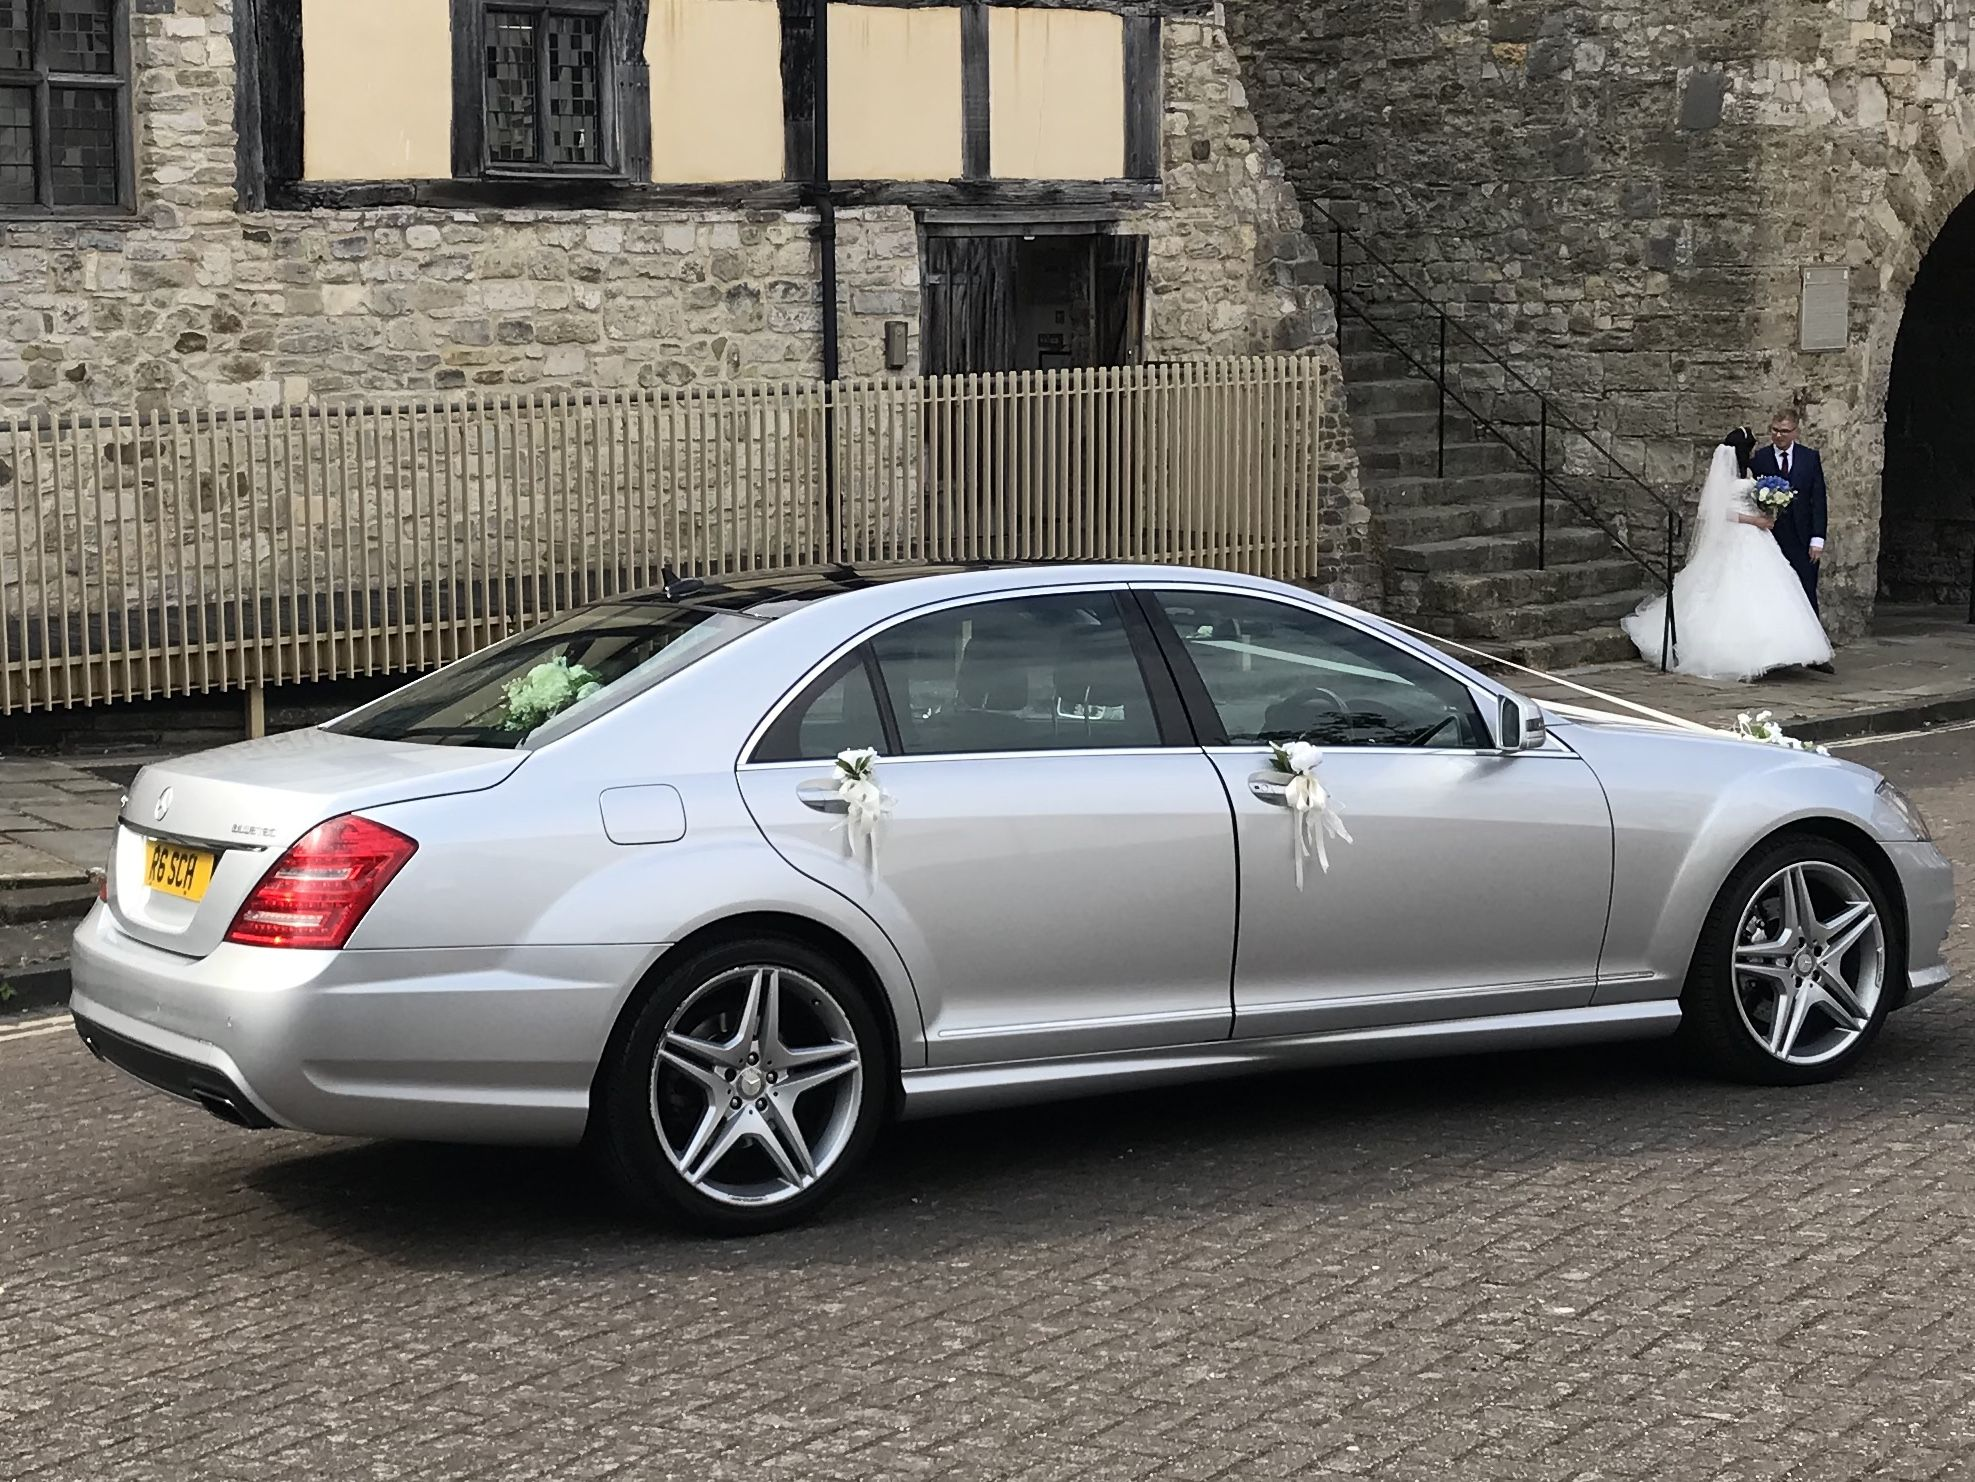 Southampton Chauffeur Hire wedding car | Chauffeur ...